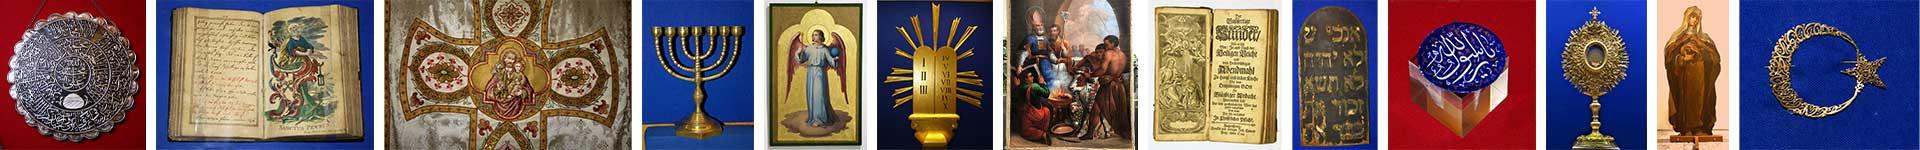 Sakrale Kunst in den Glaubensgemeinschaften von Mödling